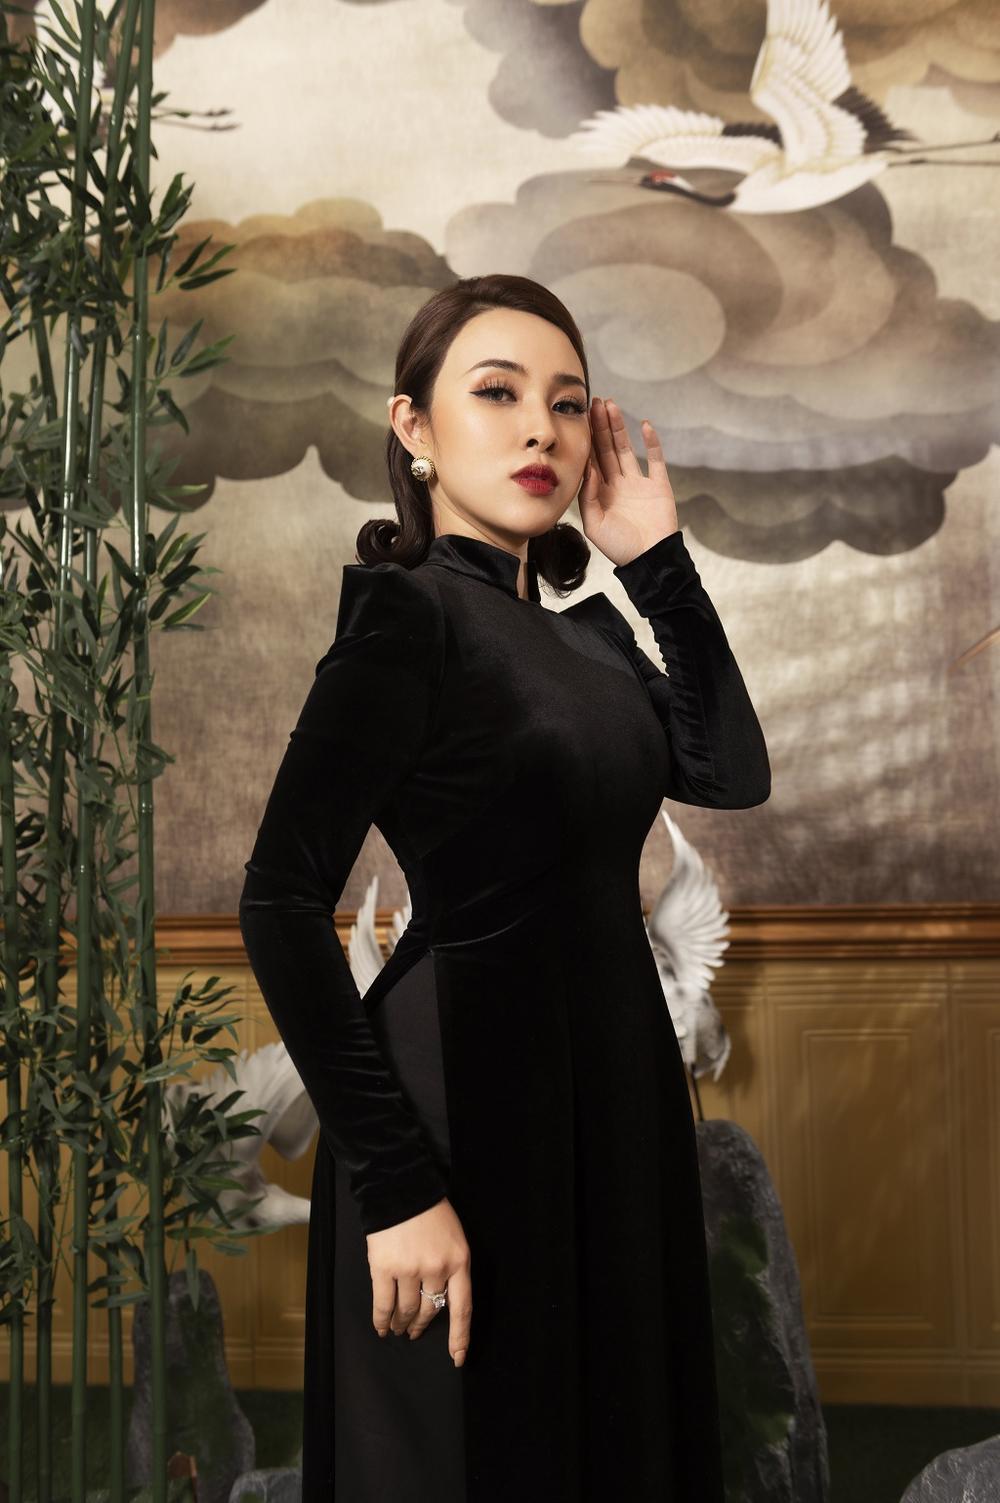 Bảo Trâm kiêu sa quý phái với áo dài Tết chất liệu nhung tinh tế Ảnh 5